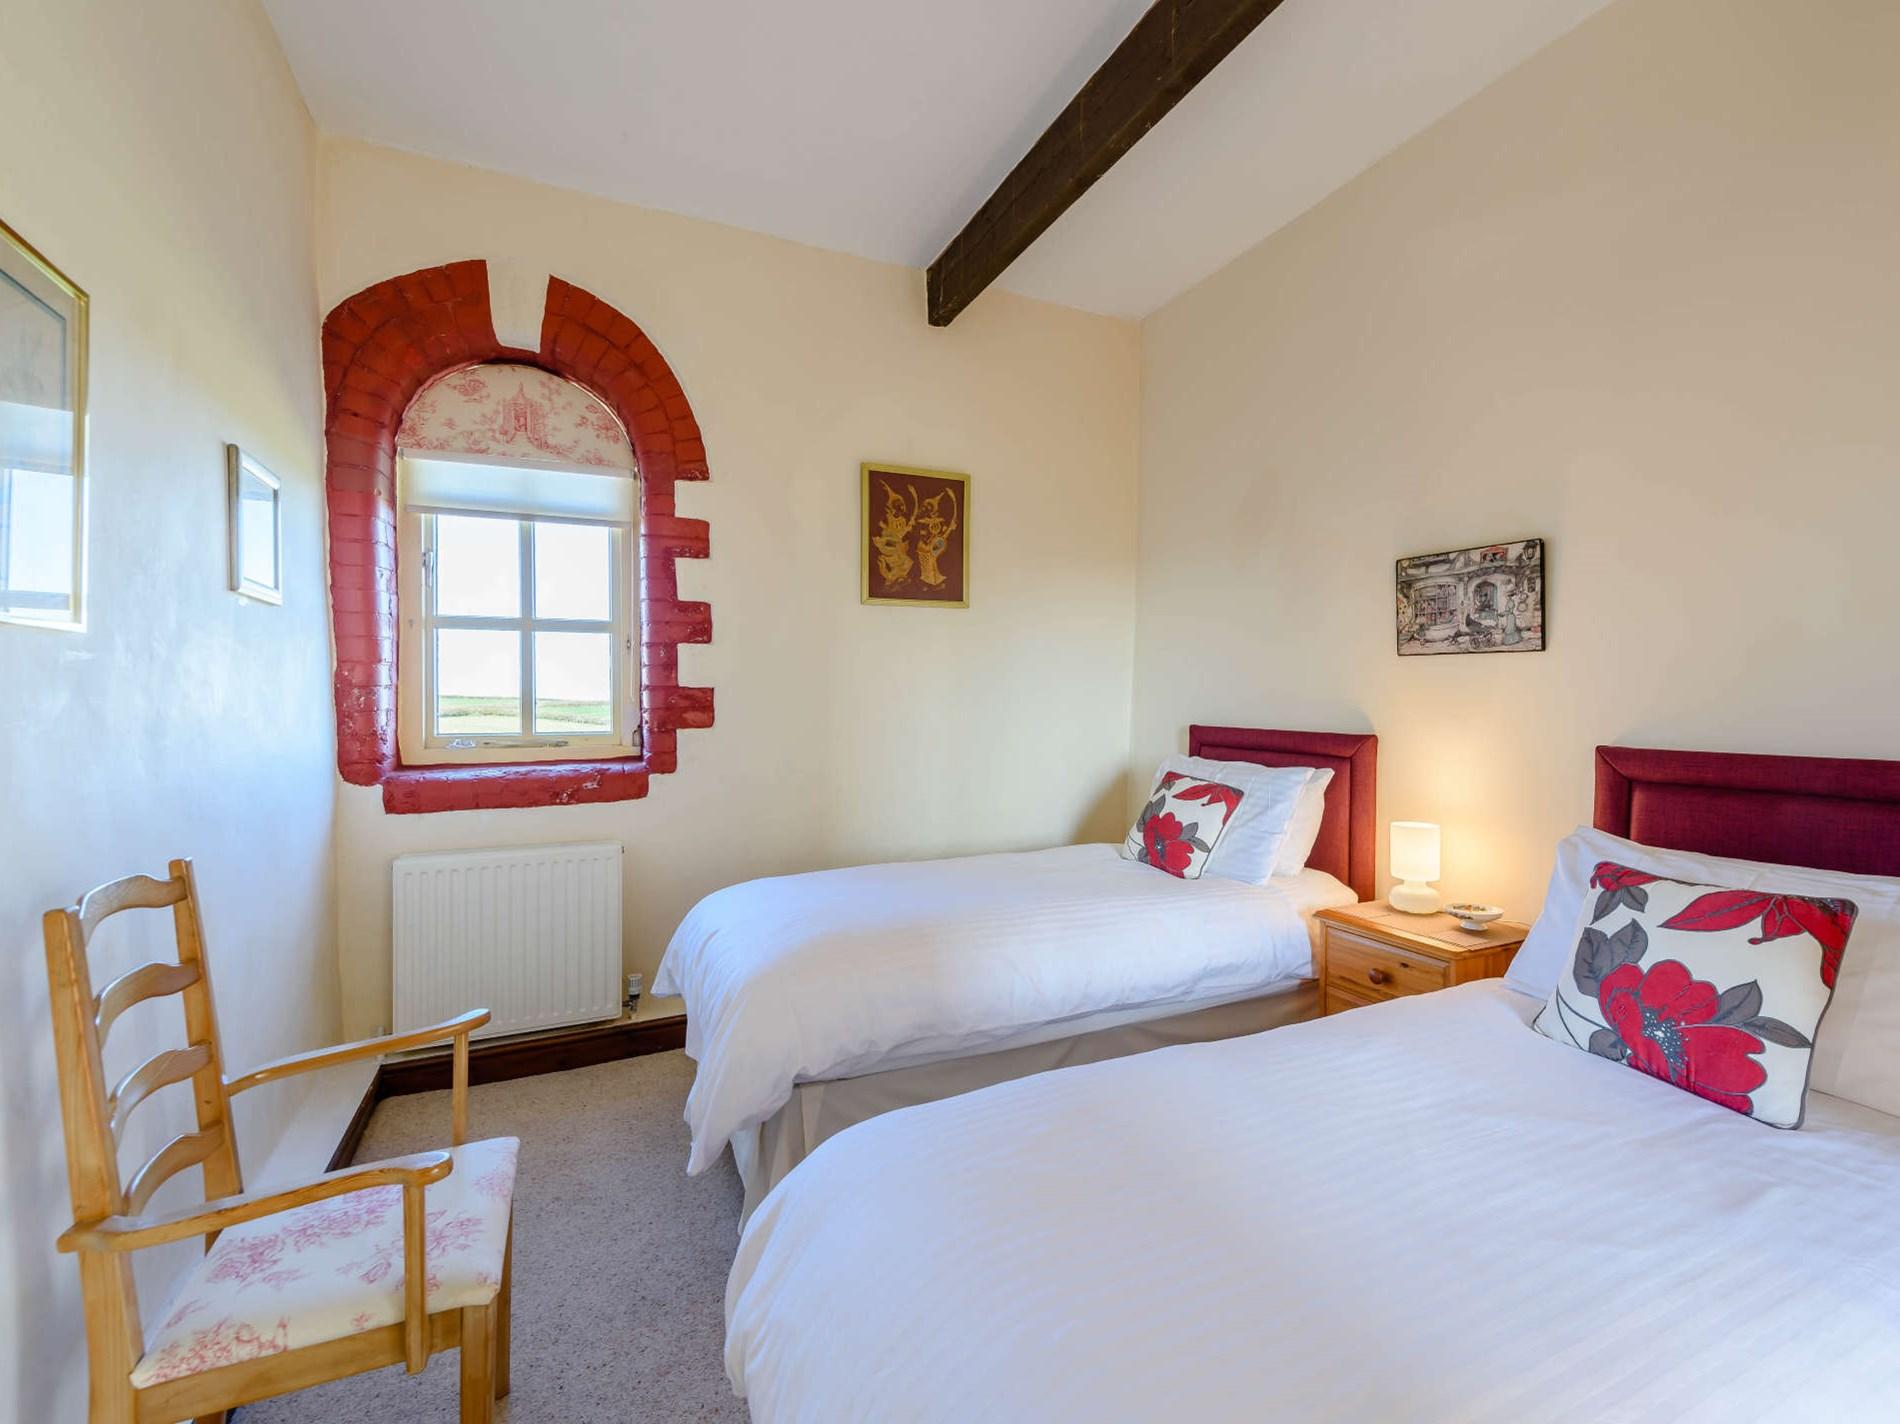 3 Bedroom Apartment in North Devon, Devon